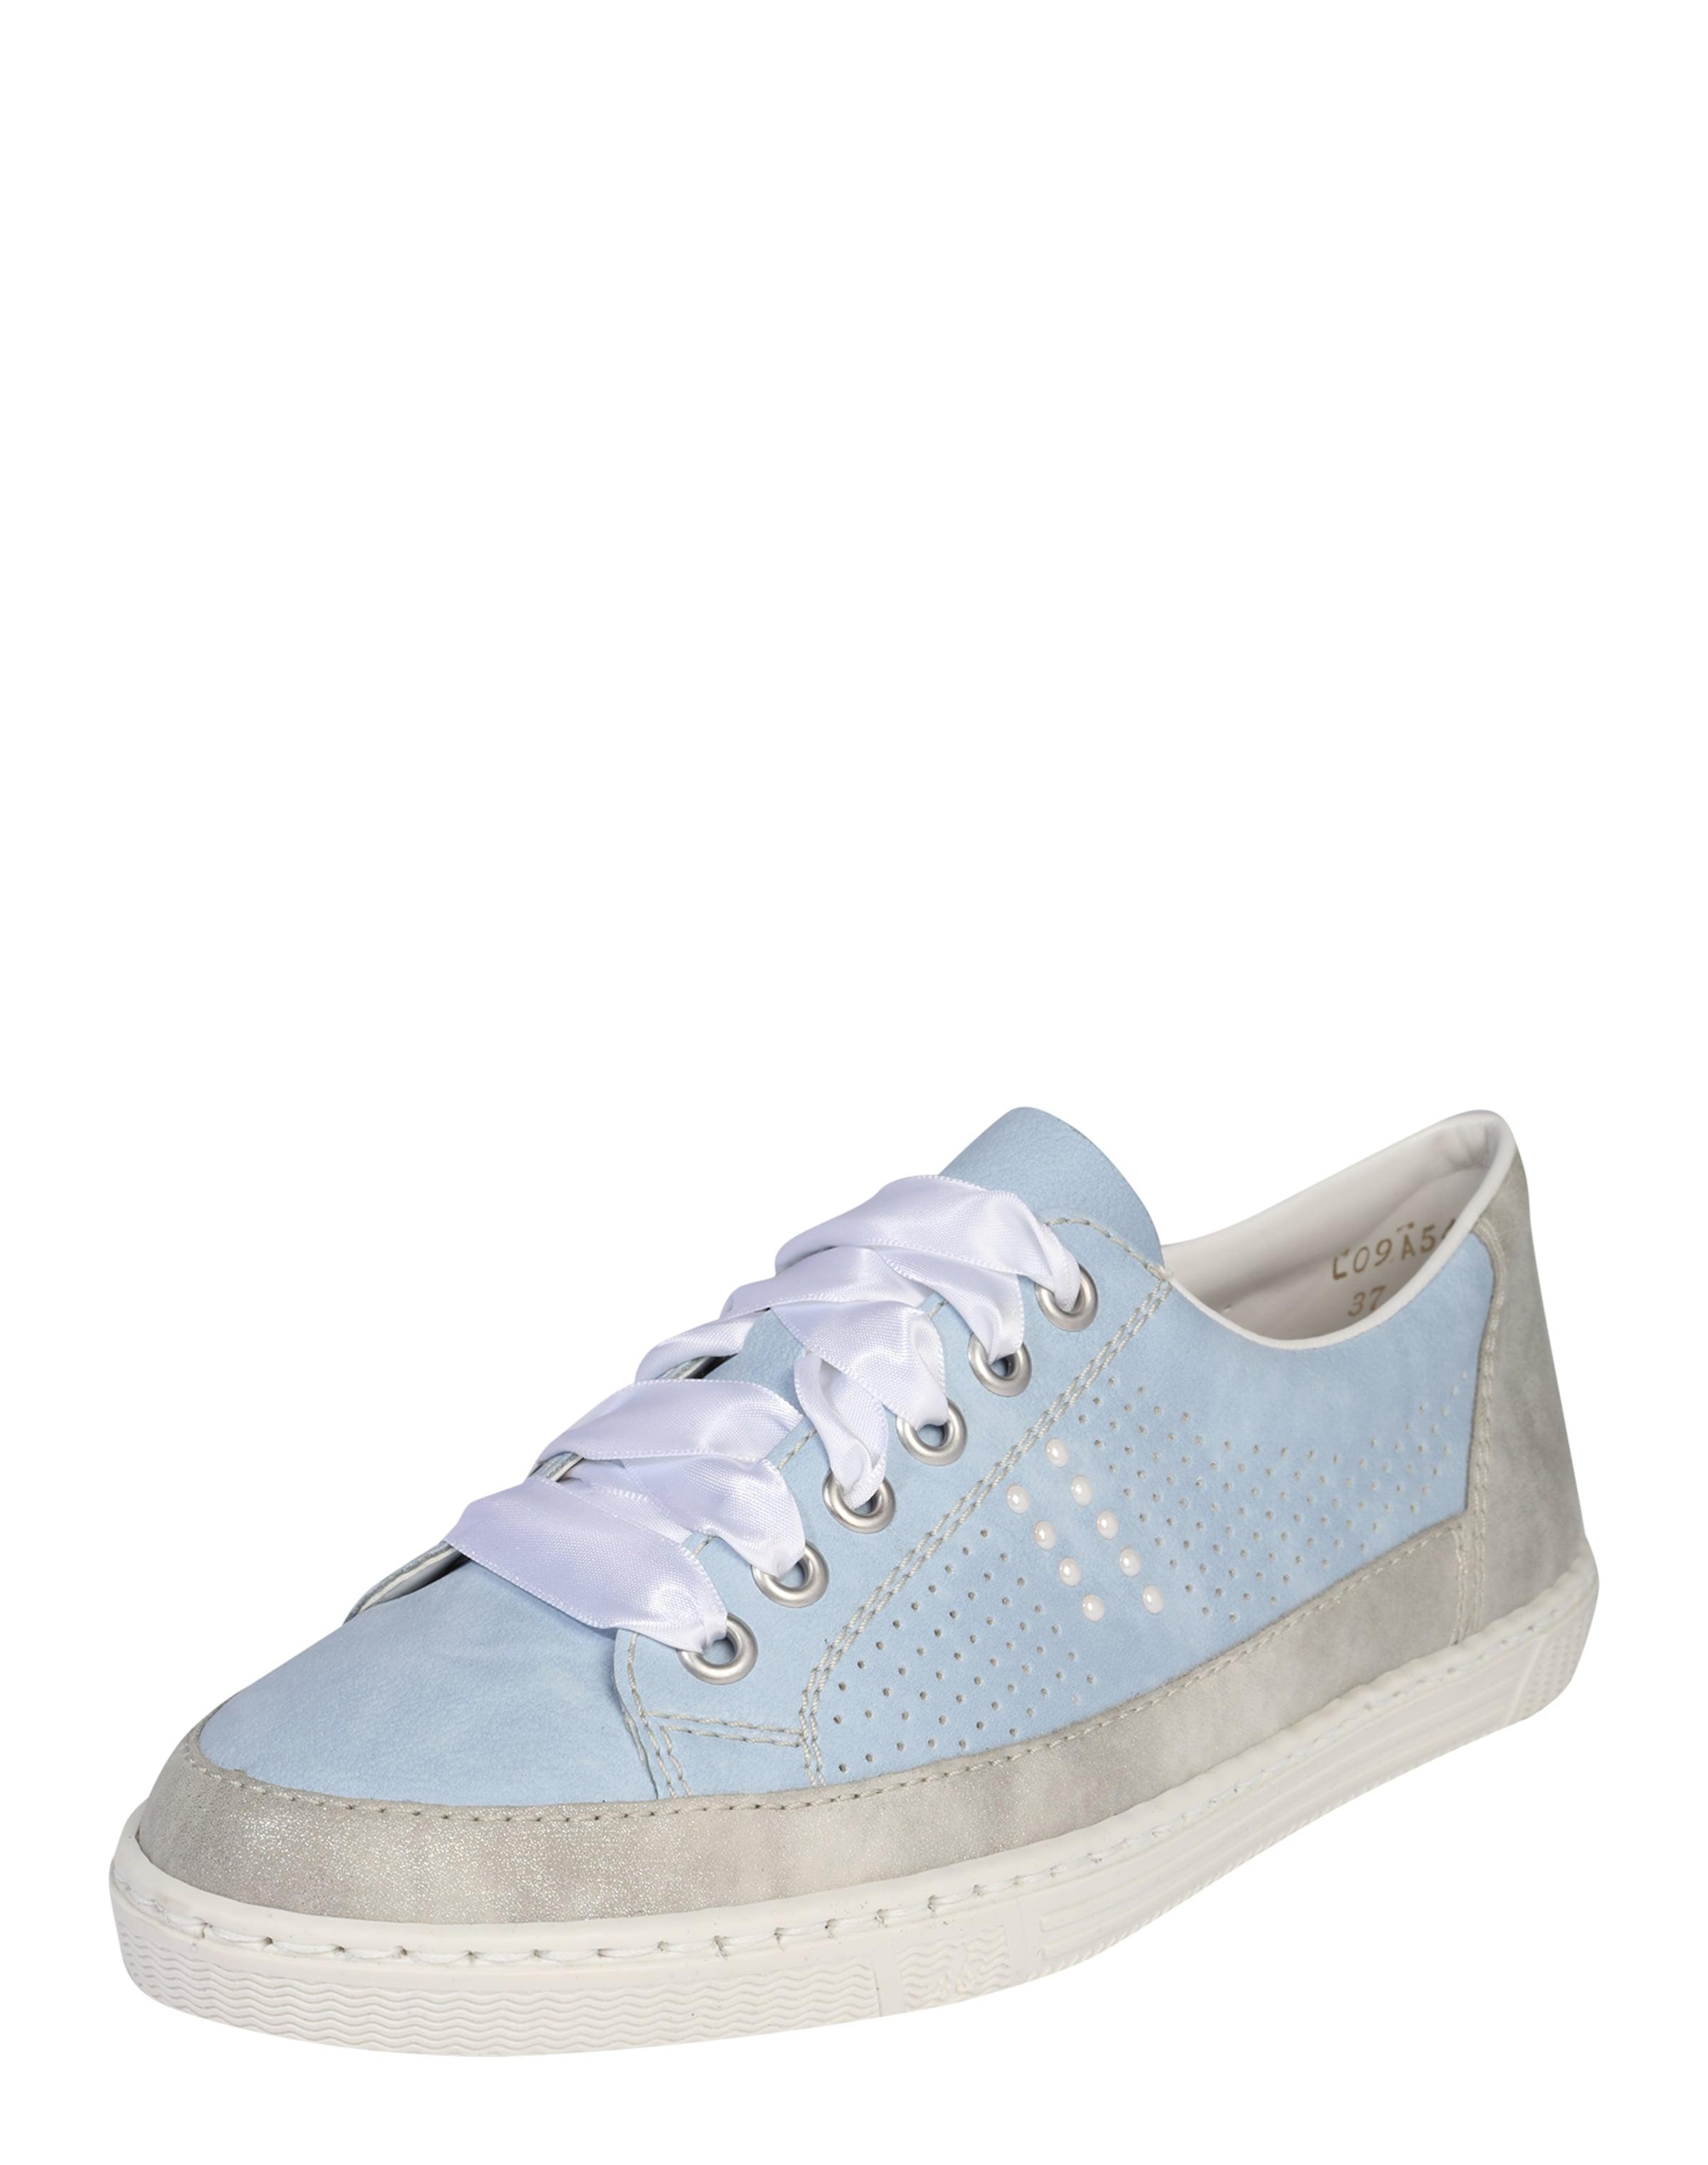 RIEKER Sneaker Spring Verschleißfeste billige Schuhe